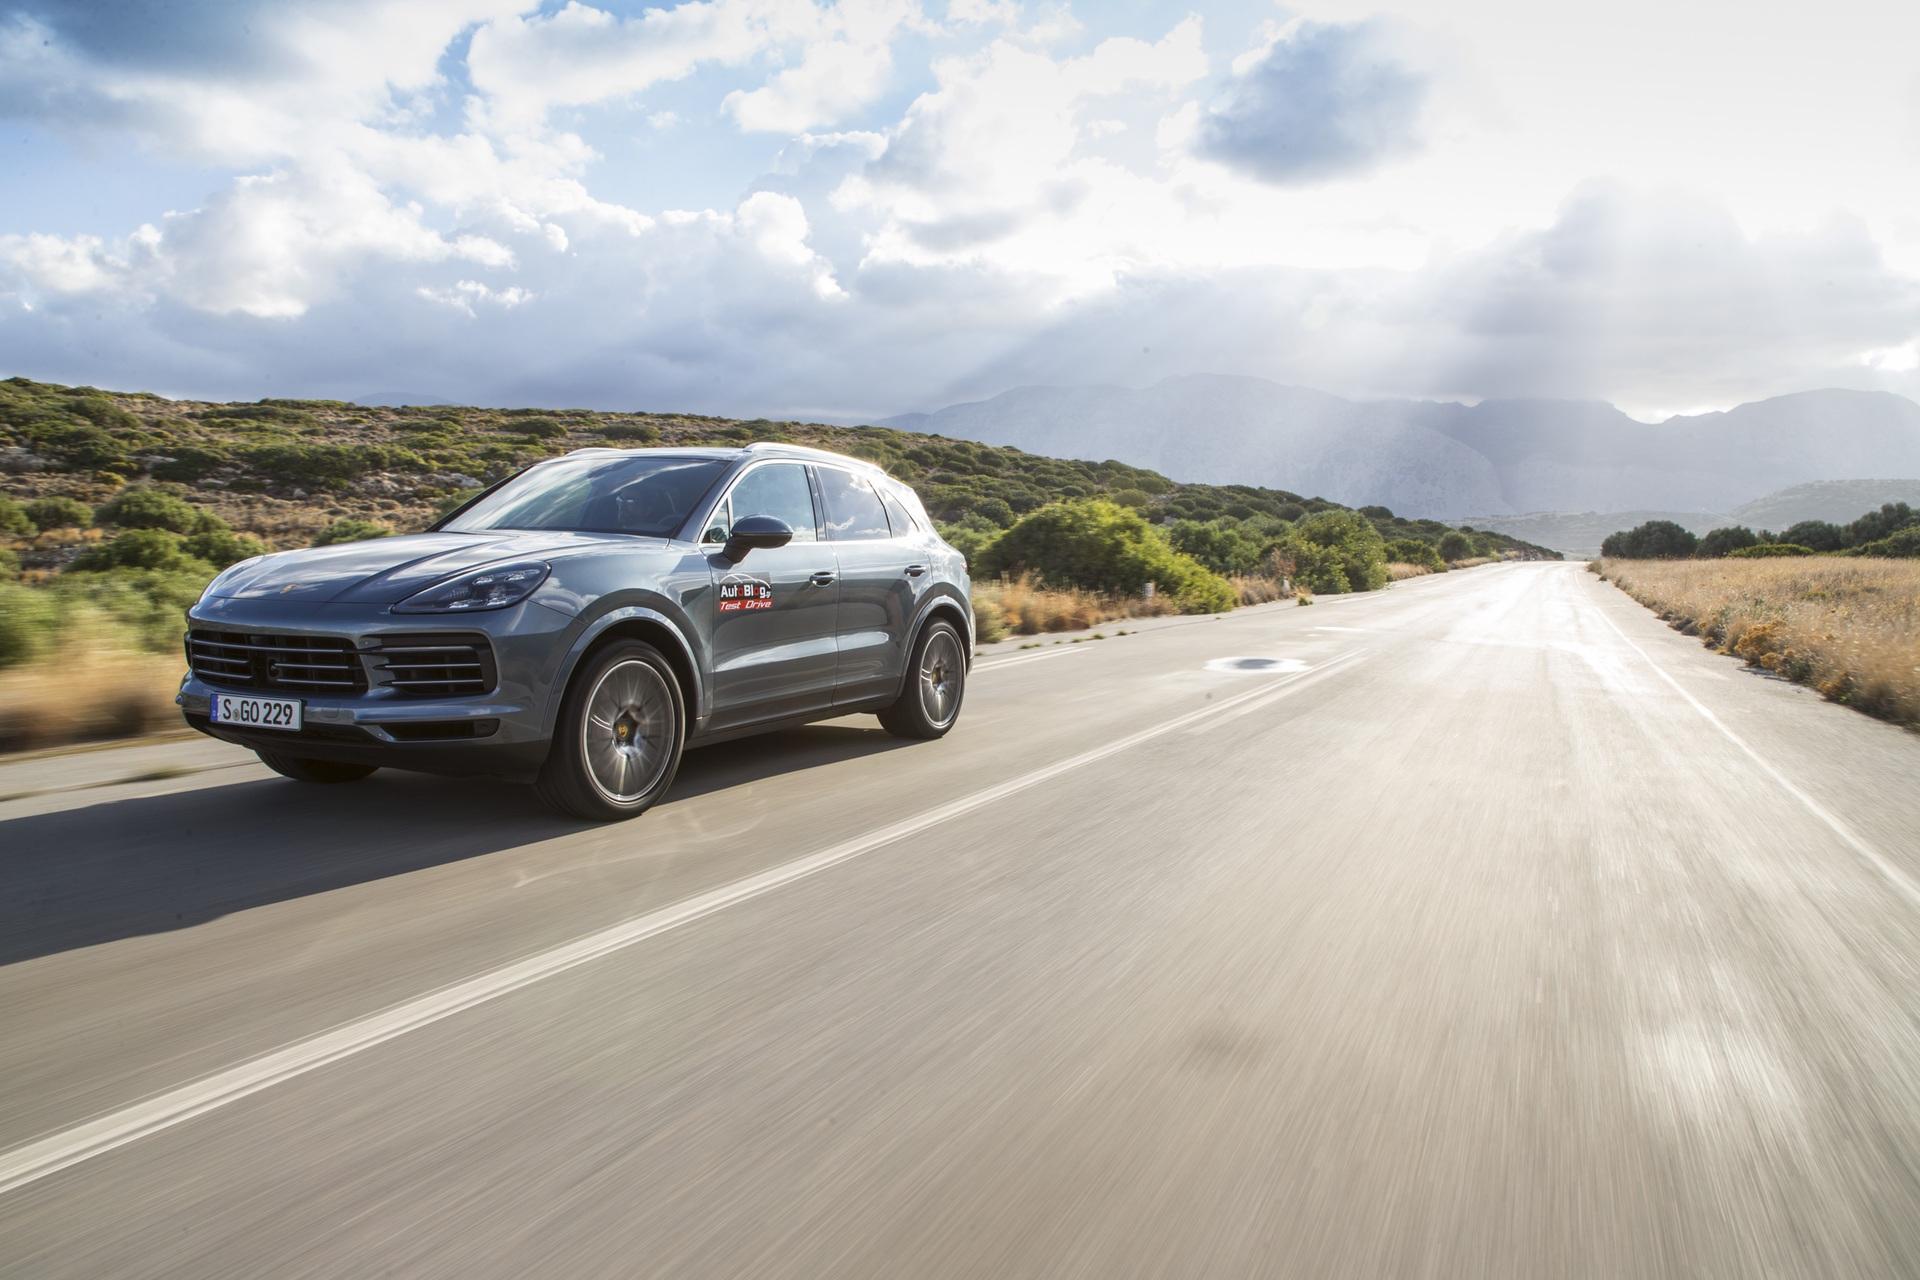 Test_Drive_Porsche_Cayenne_00